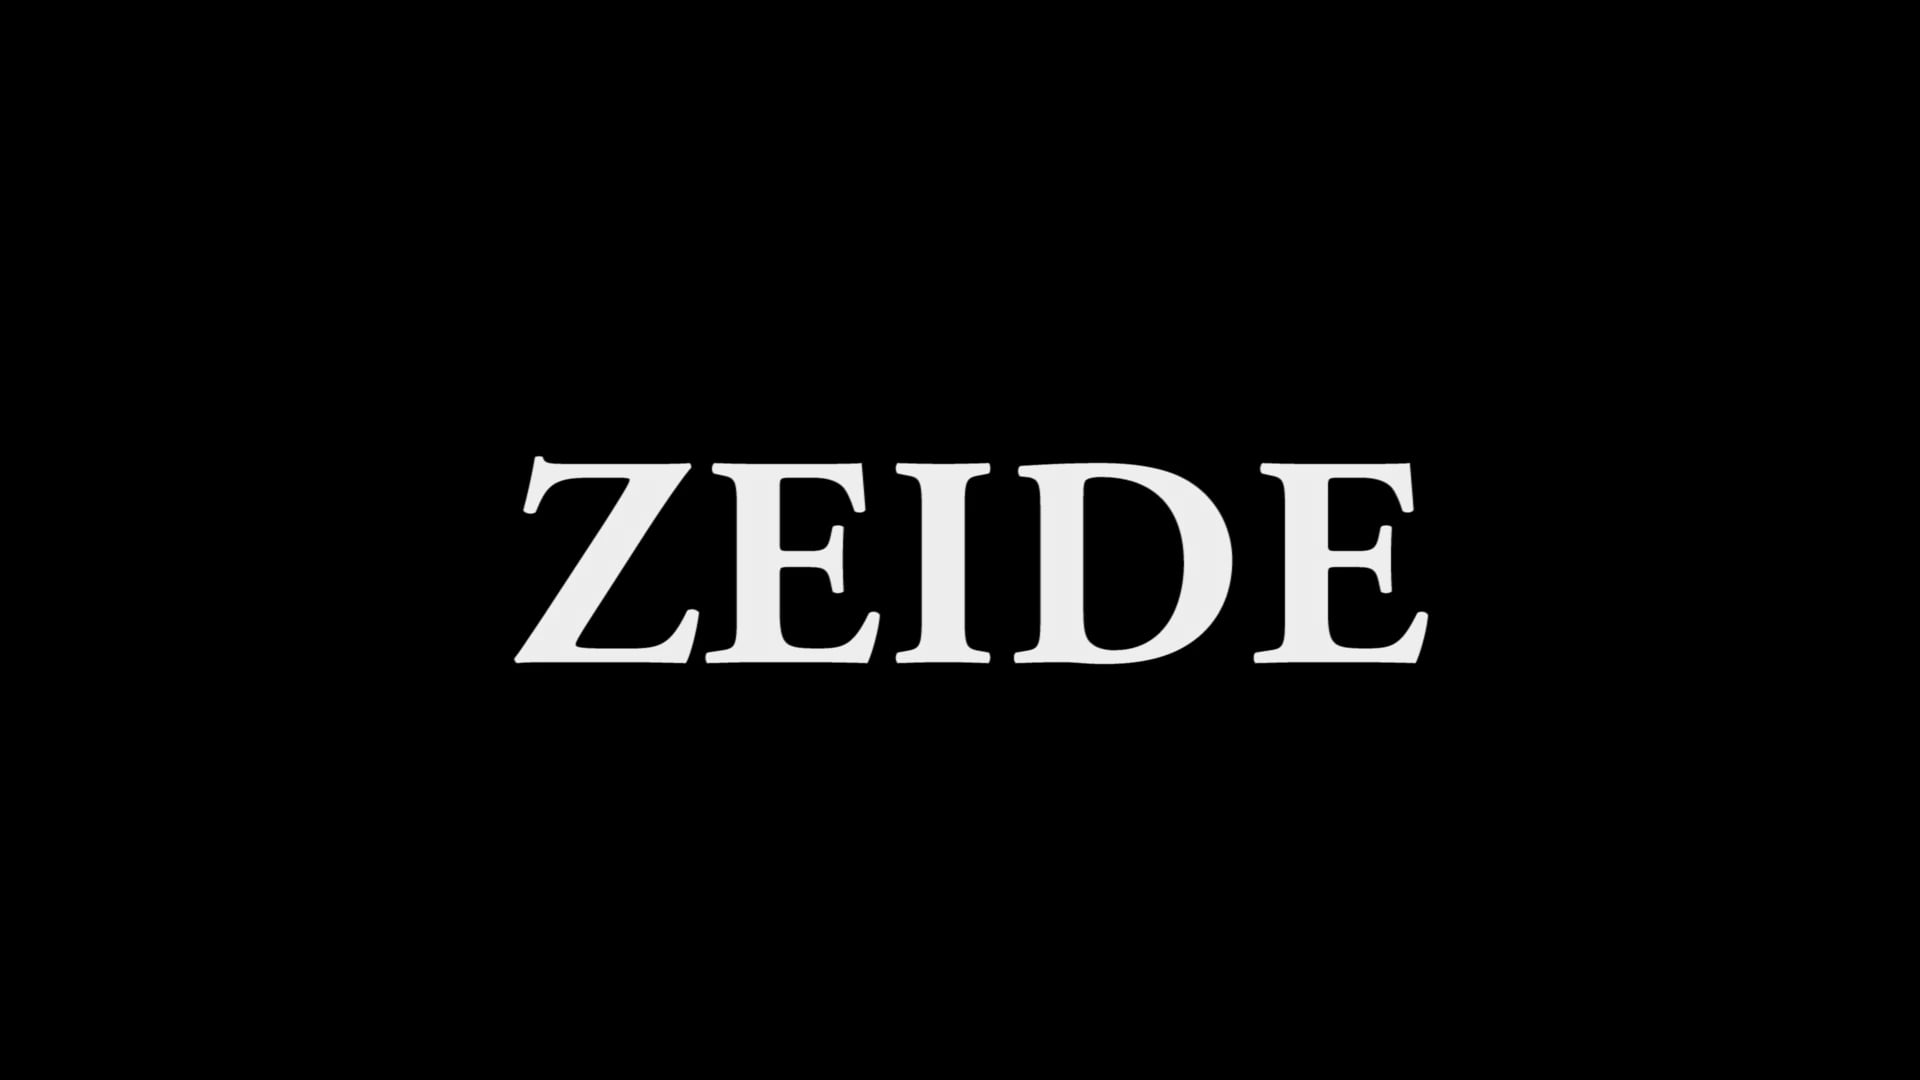 Zeide